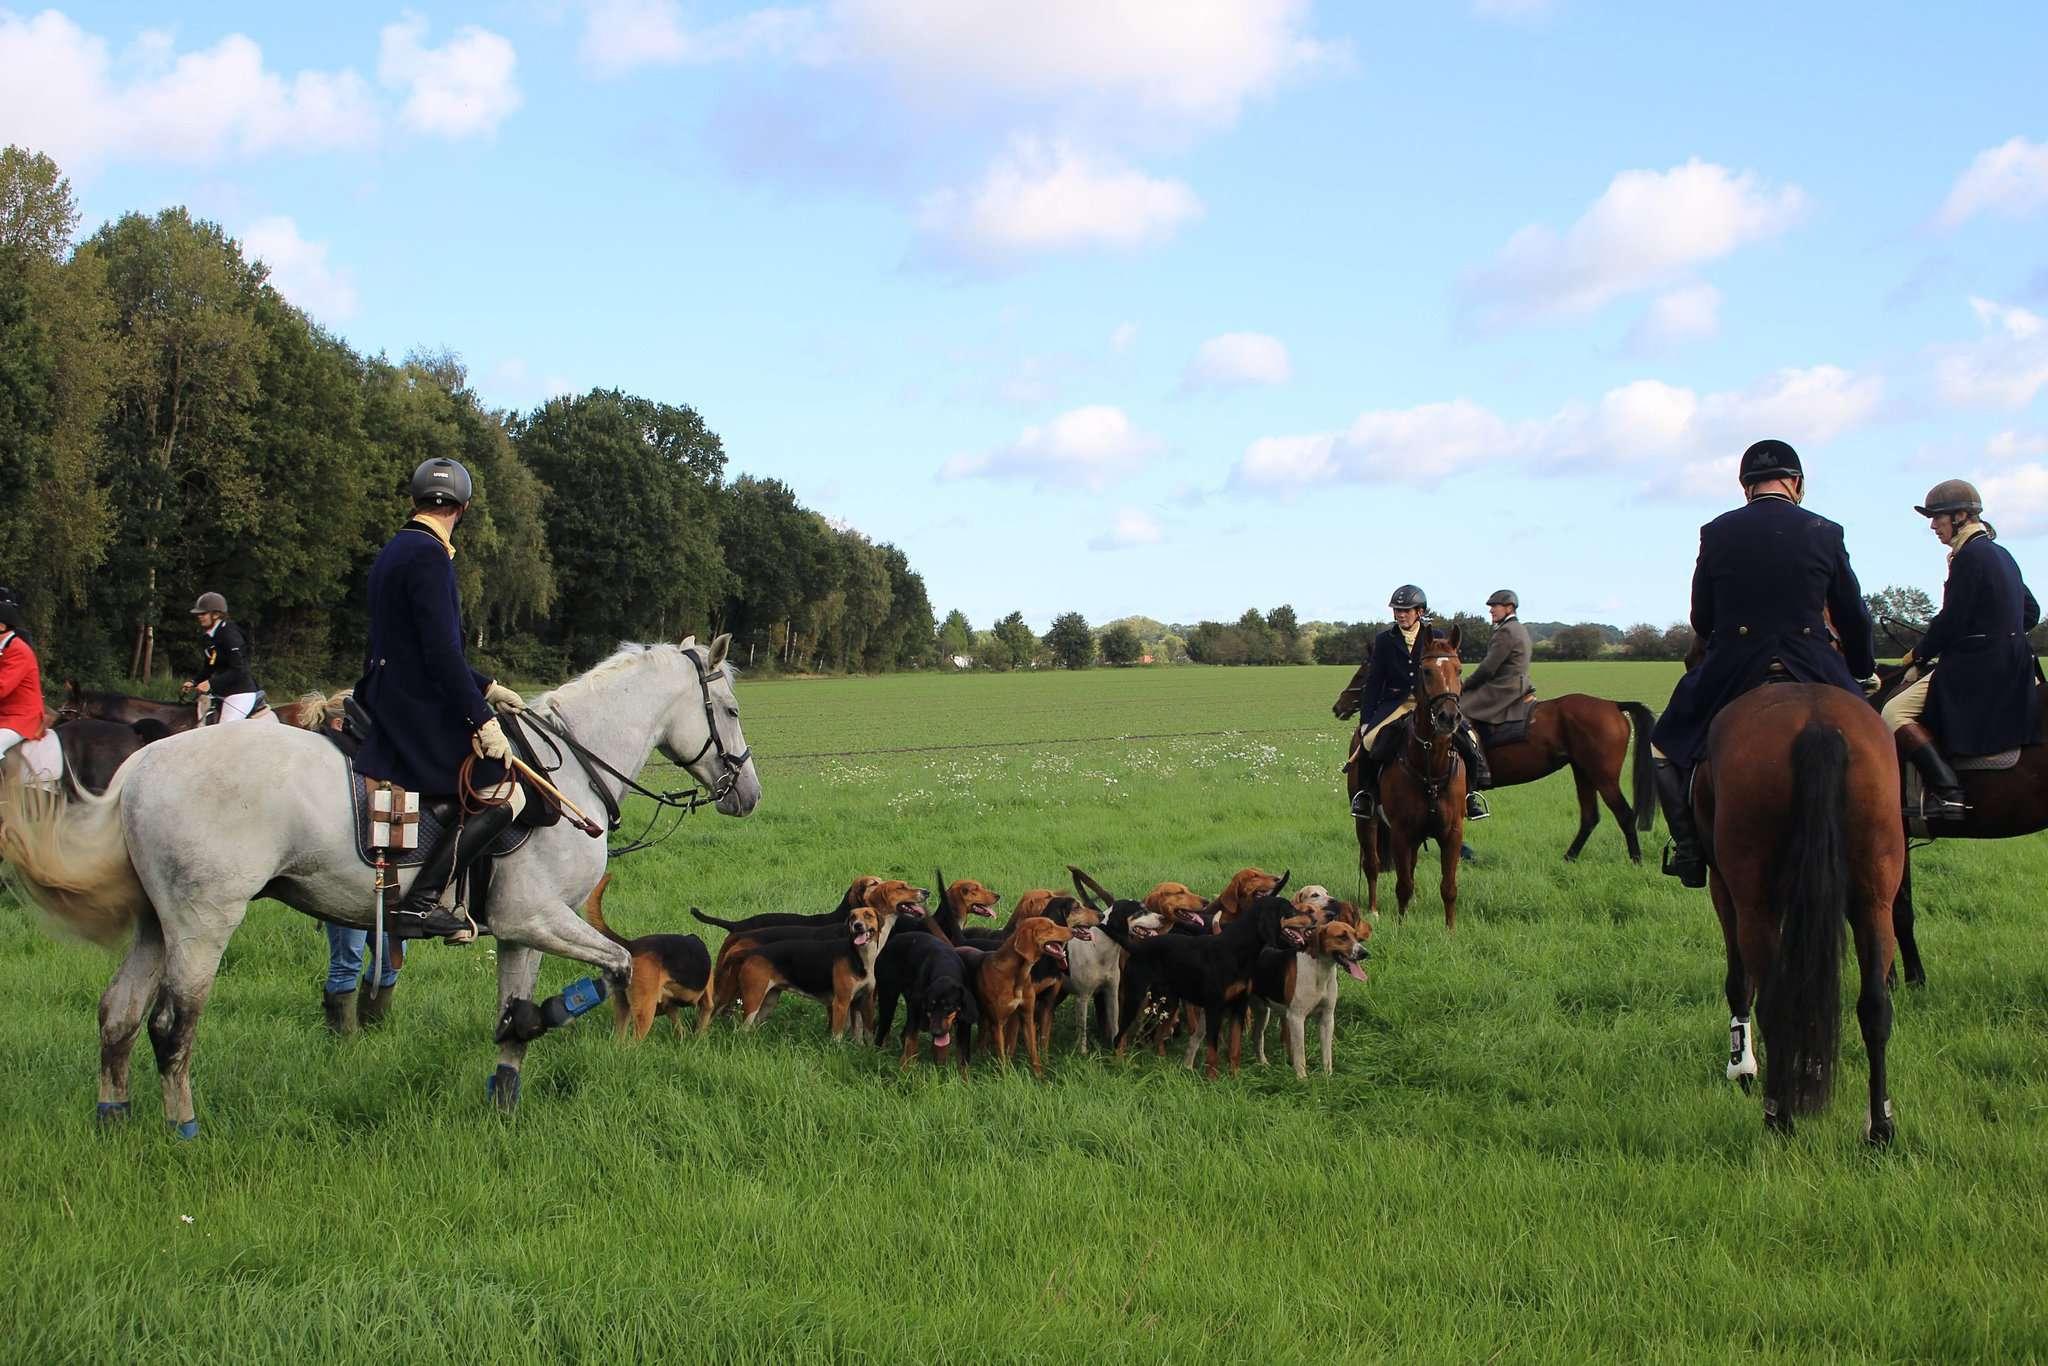 Die Reiter folgen der Böhmer Harrier-Meute. Für einige Zuschauer sind die Hunde die heimlichen Stars der Veranstaltung.